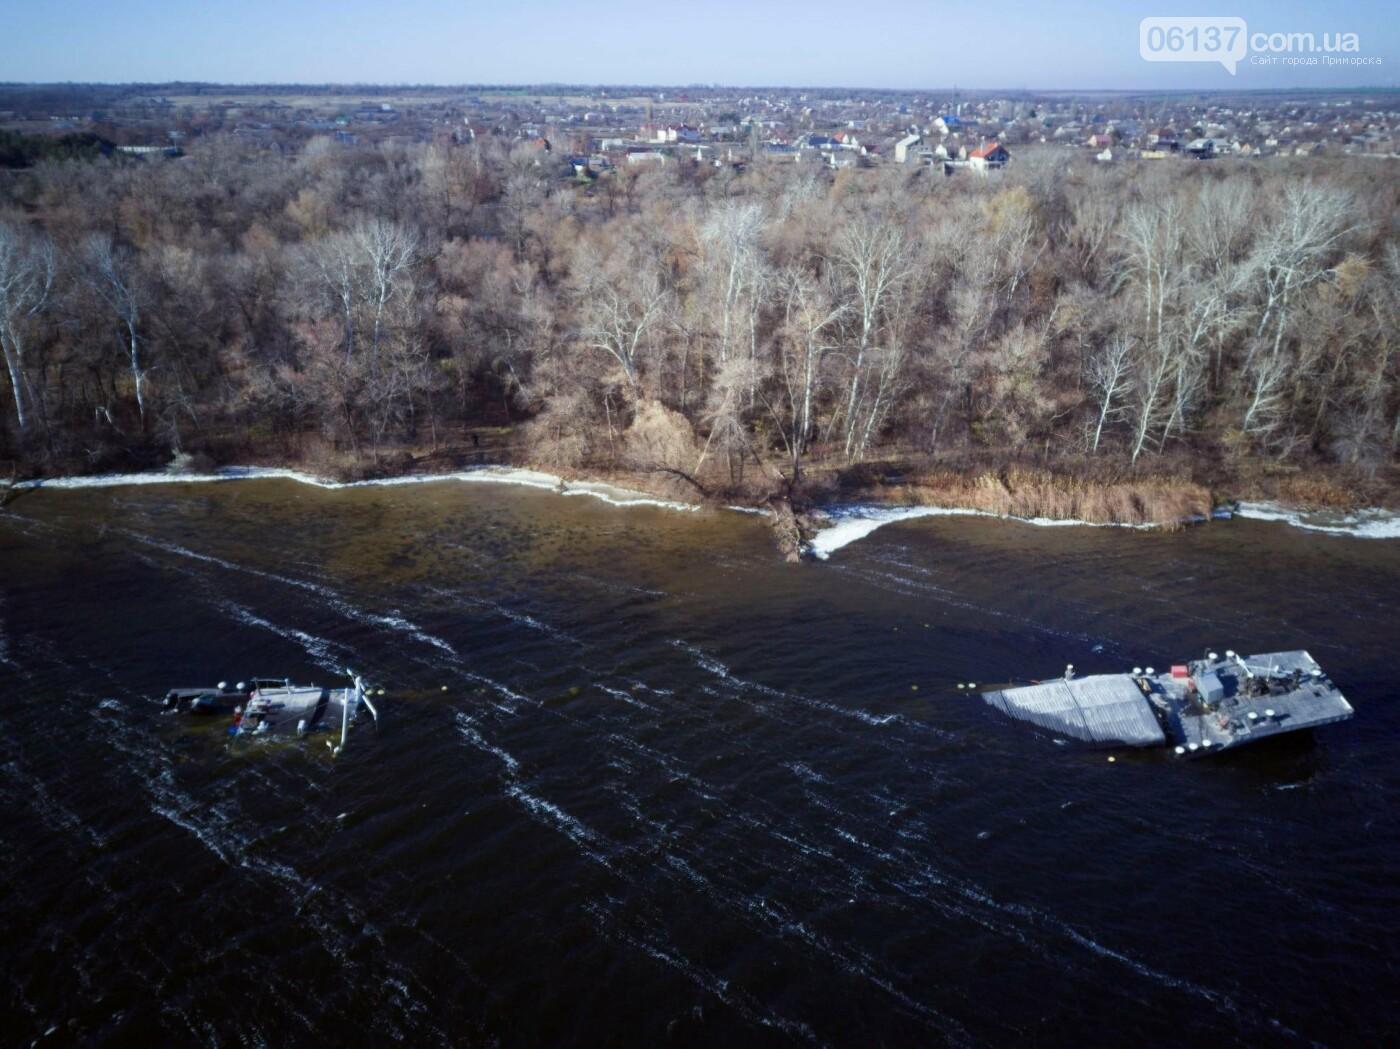 Запорожский фотограф опубликовал интересные кадры, затонувшего в Разумовке, сухогруза. Фото , фото-4